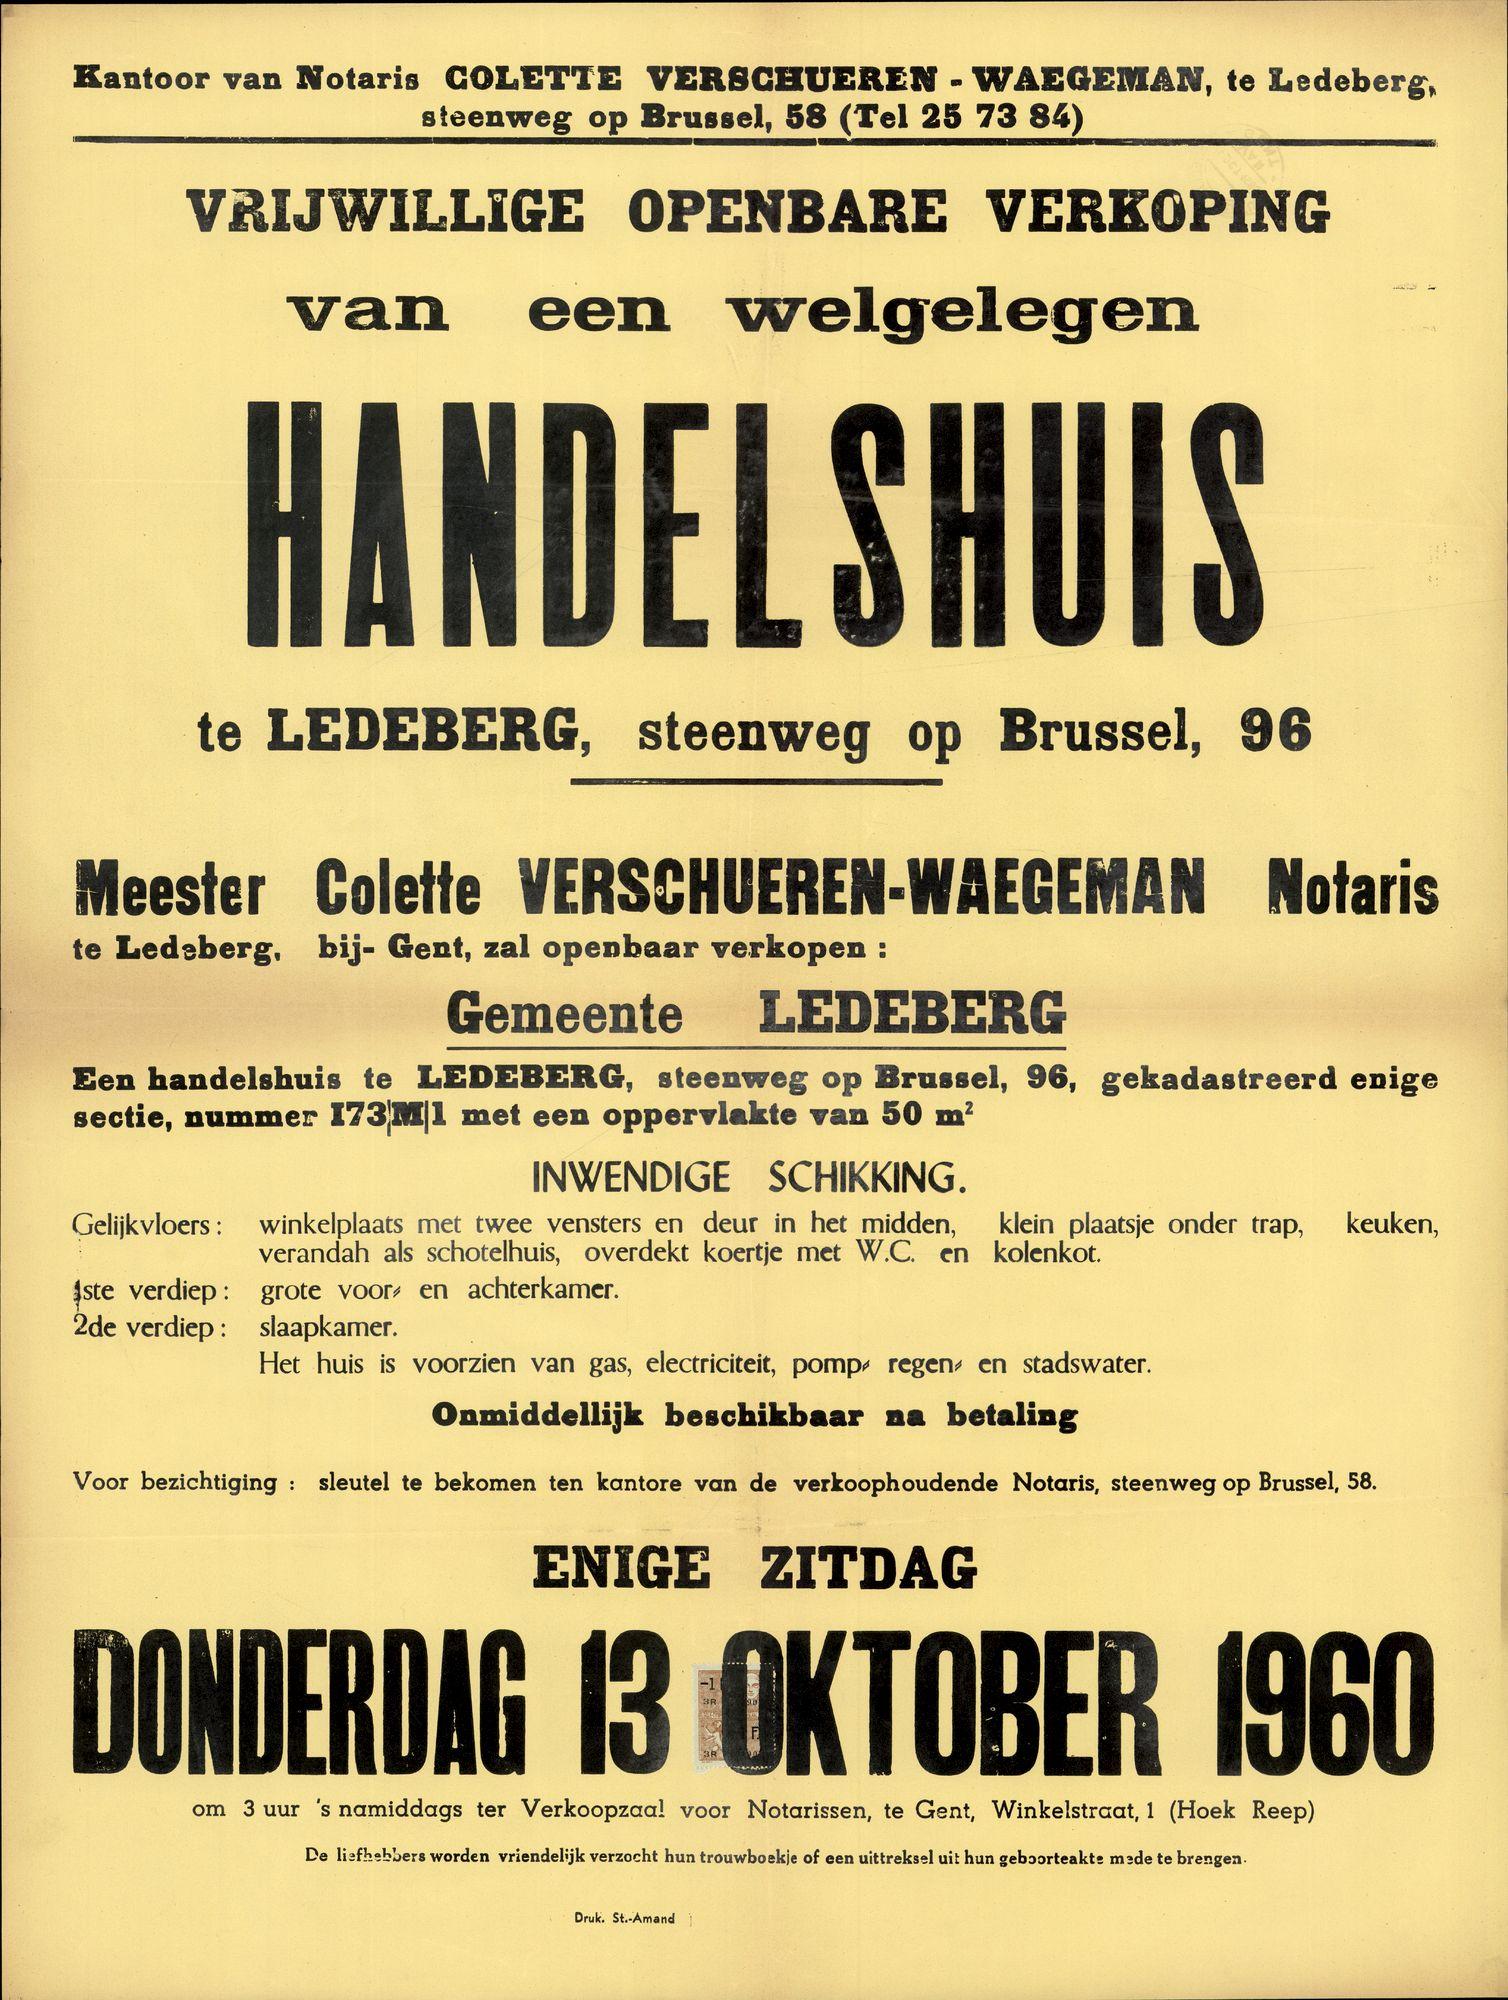 Vrijwillige openbare verkoop van een welgelegen handelshuis te Ledeberg, steenweg op Brussel, nr.96 (Brusselsesteenweg), Gent, 13 oktober 1960